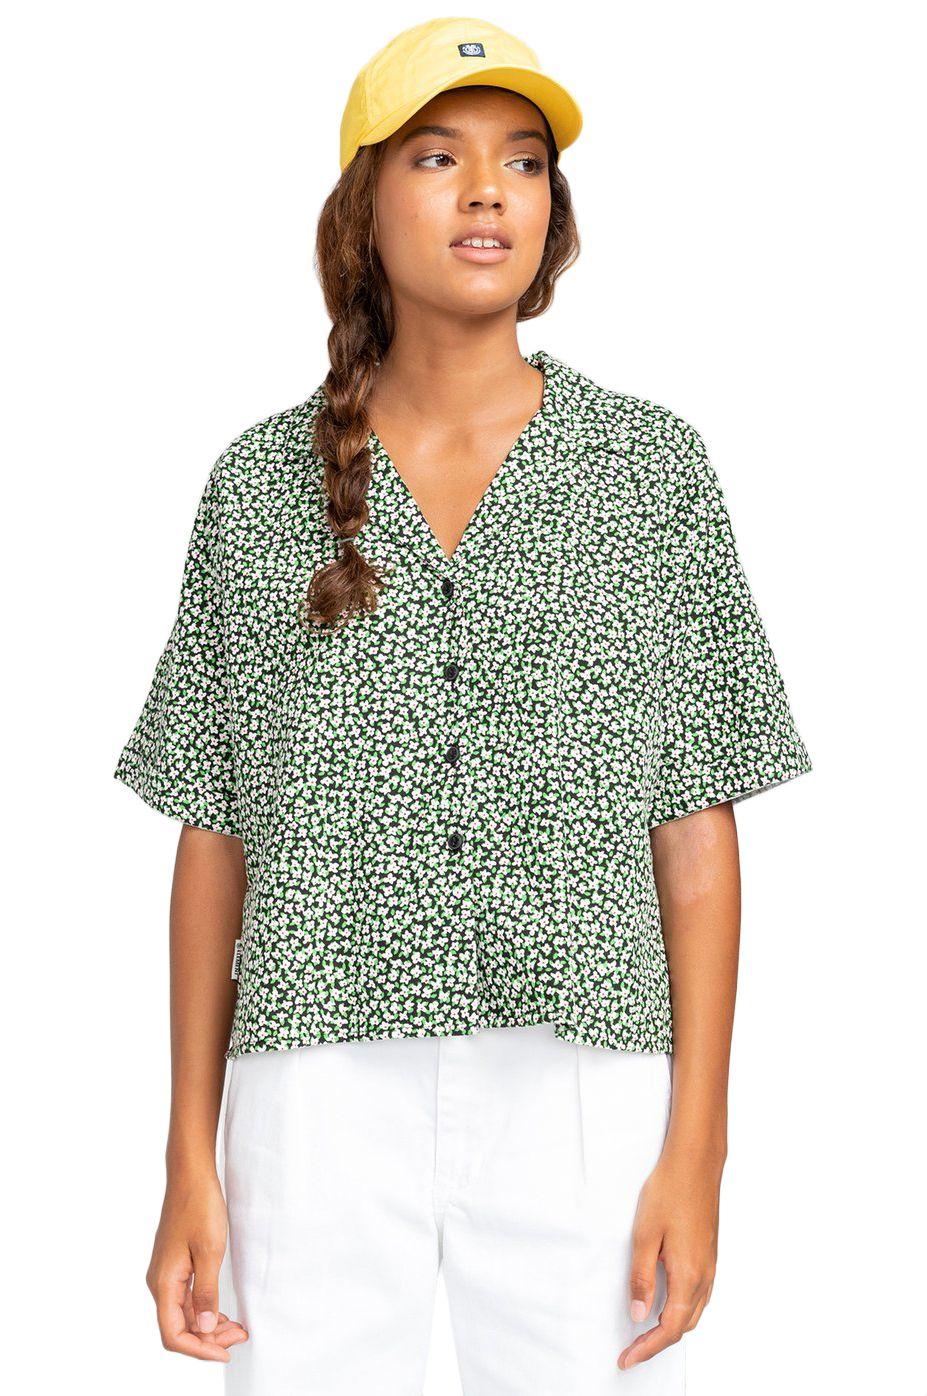 Camisa Element JAVA CTNC White Wildflower